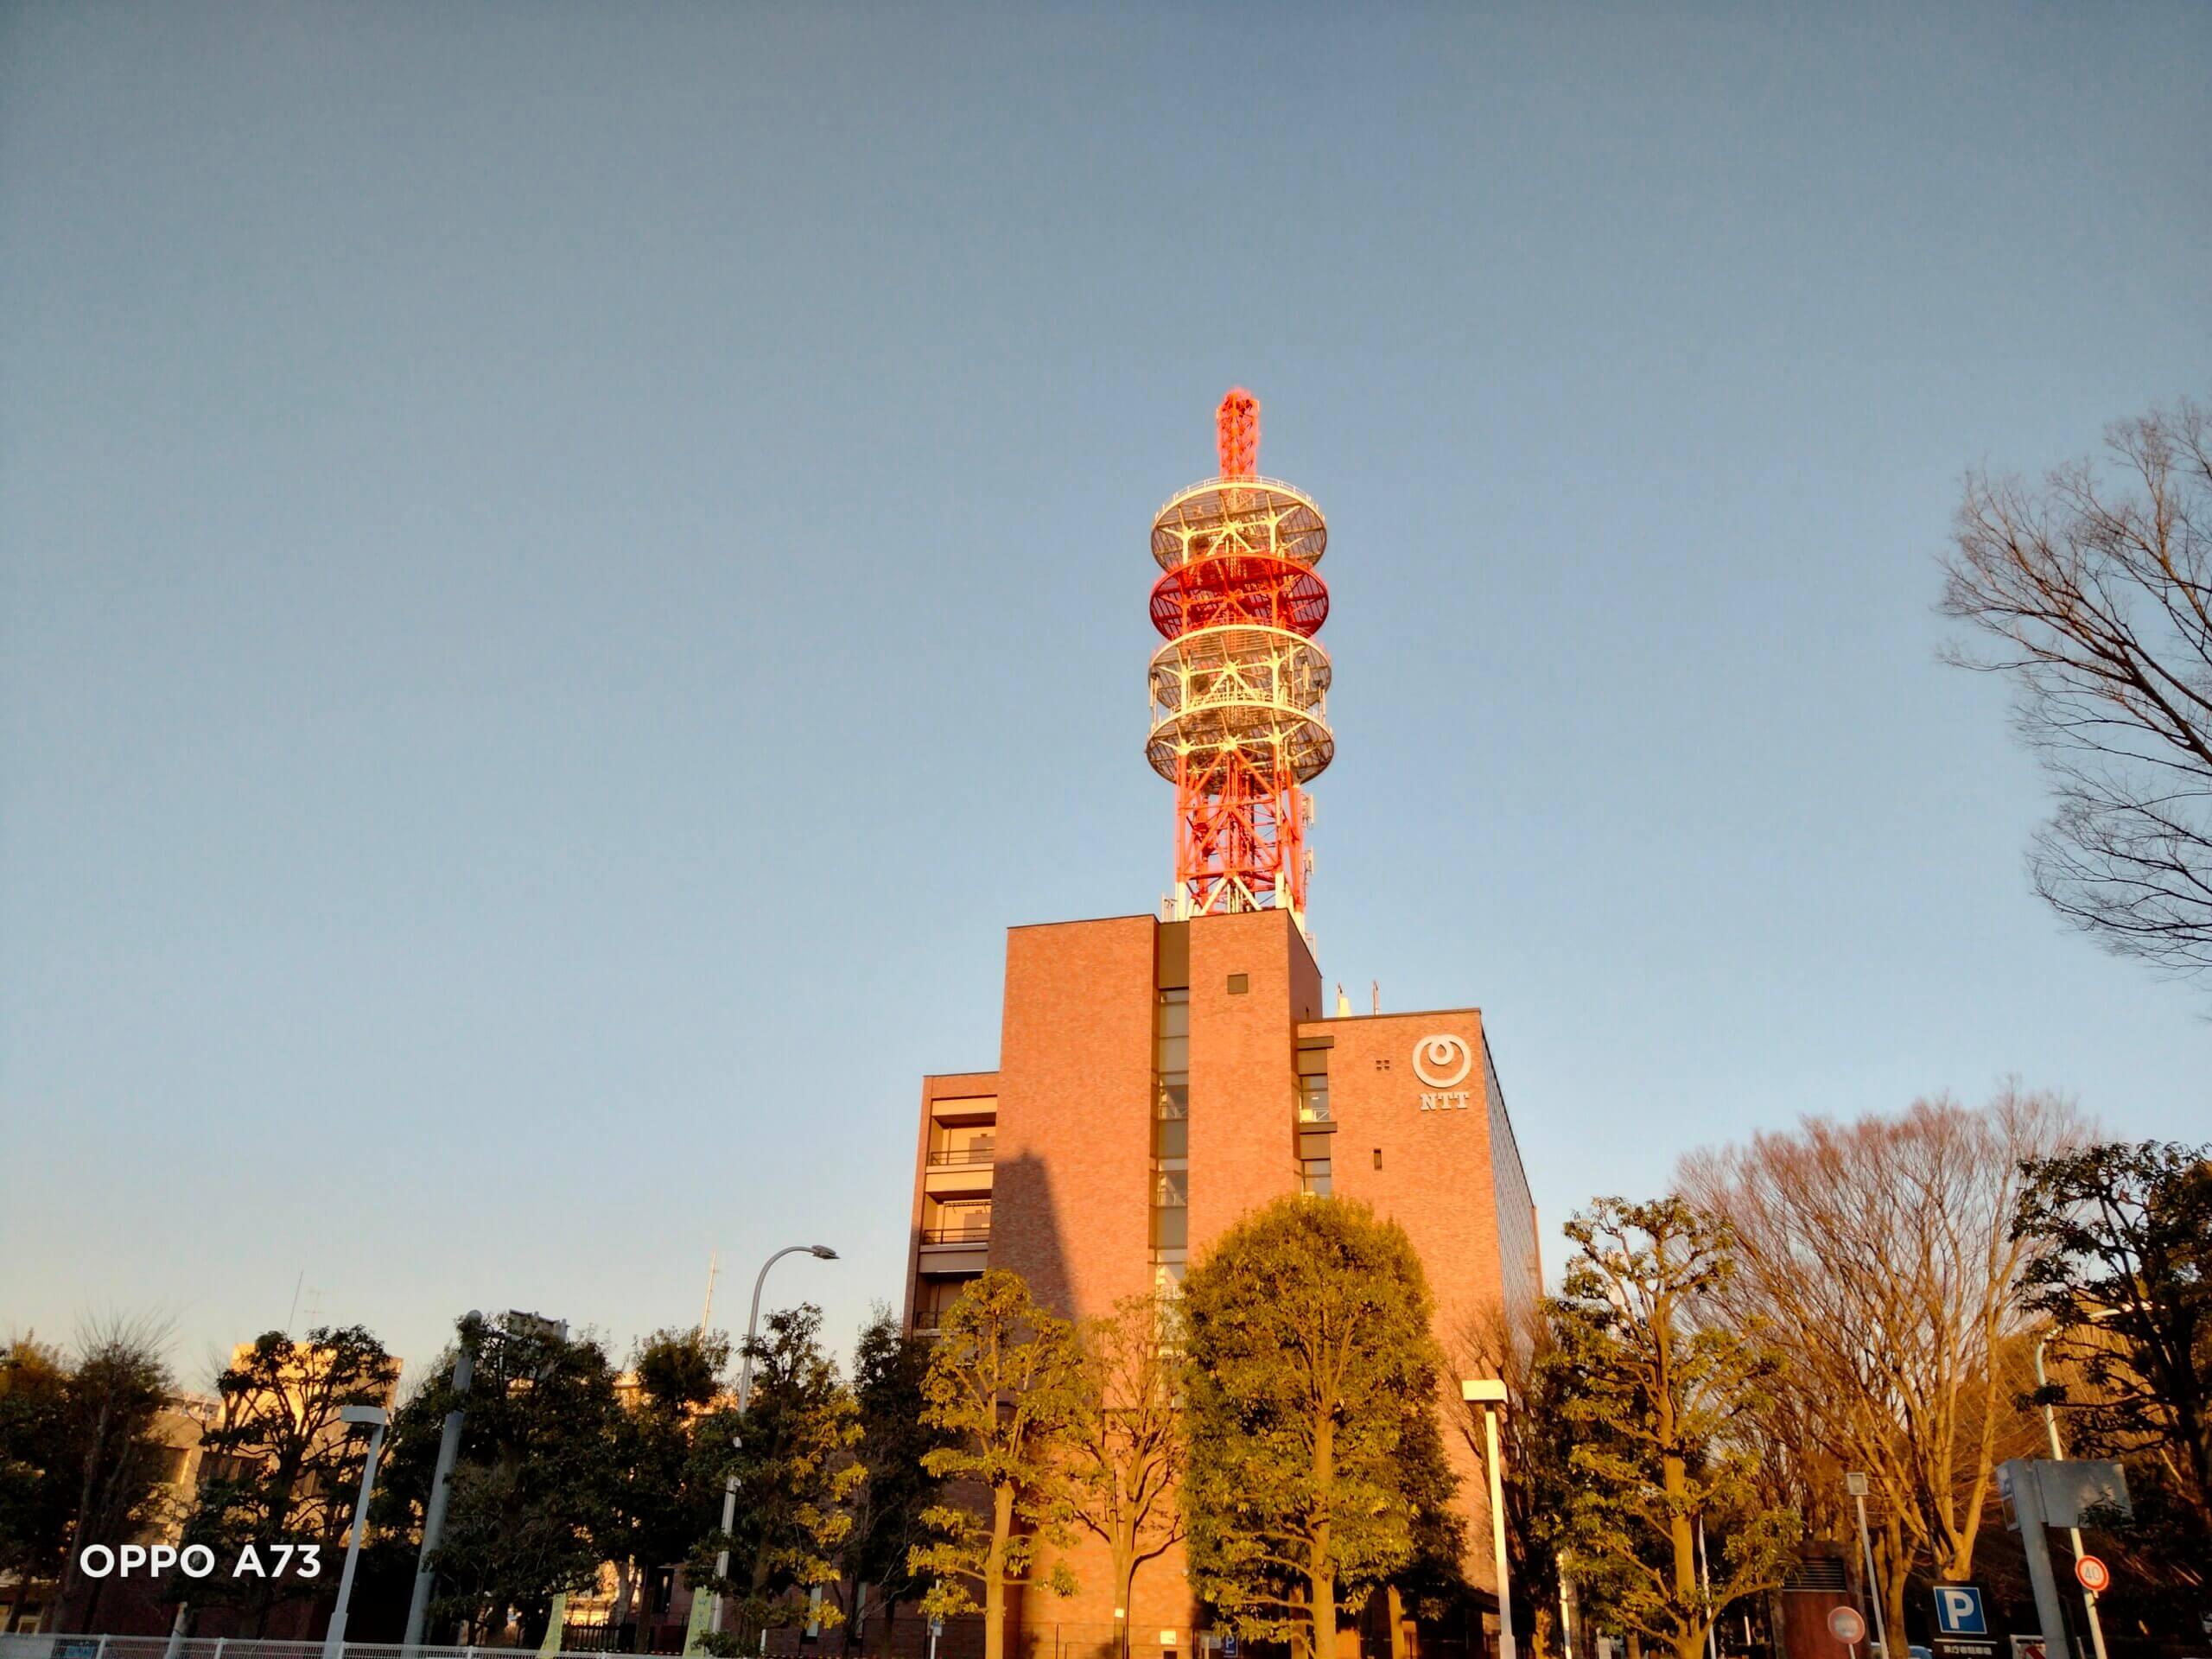 OPPO A73で撮影した電波塔の画像